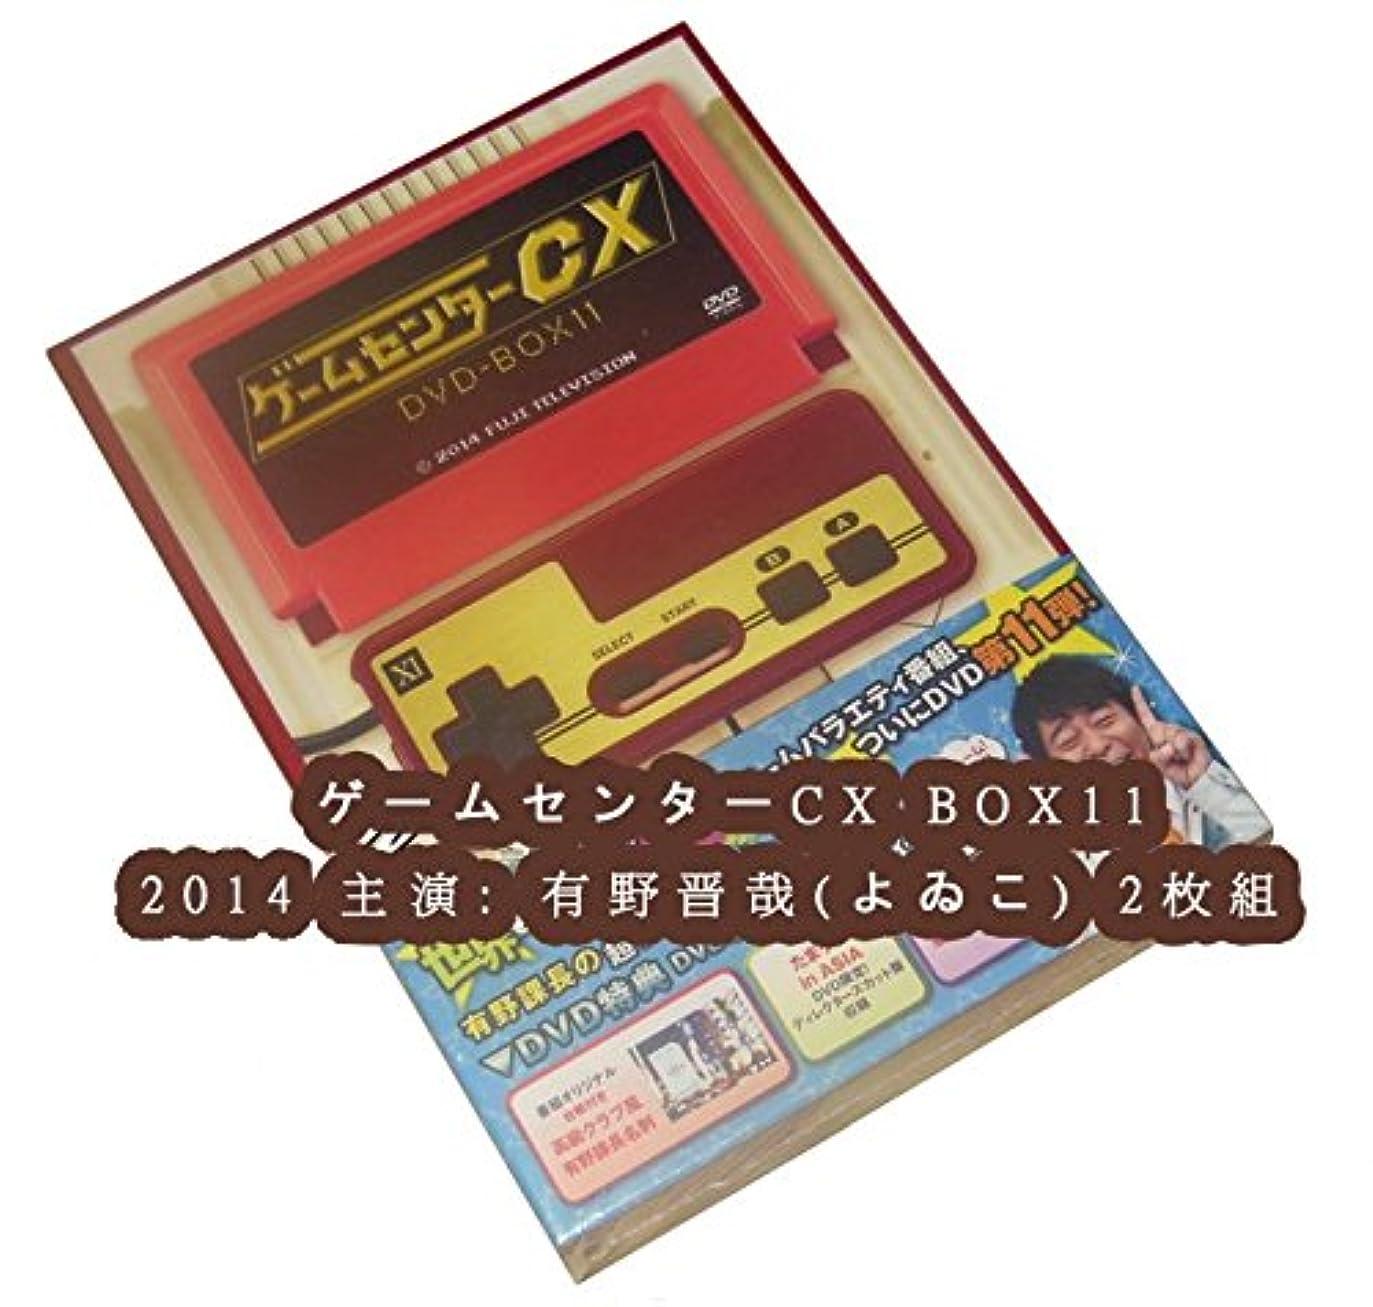 決定パーツ活性化するゲームセンターCX BOX11 2014 主演: 有野晋哉(よゐこ)